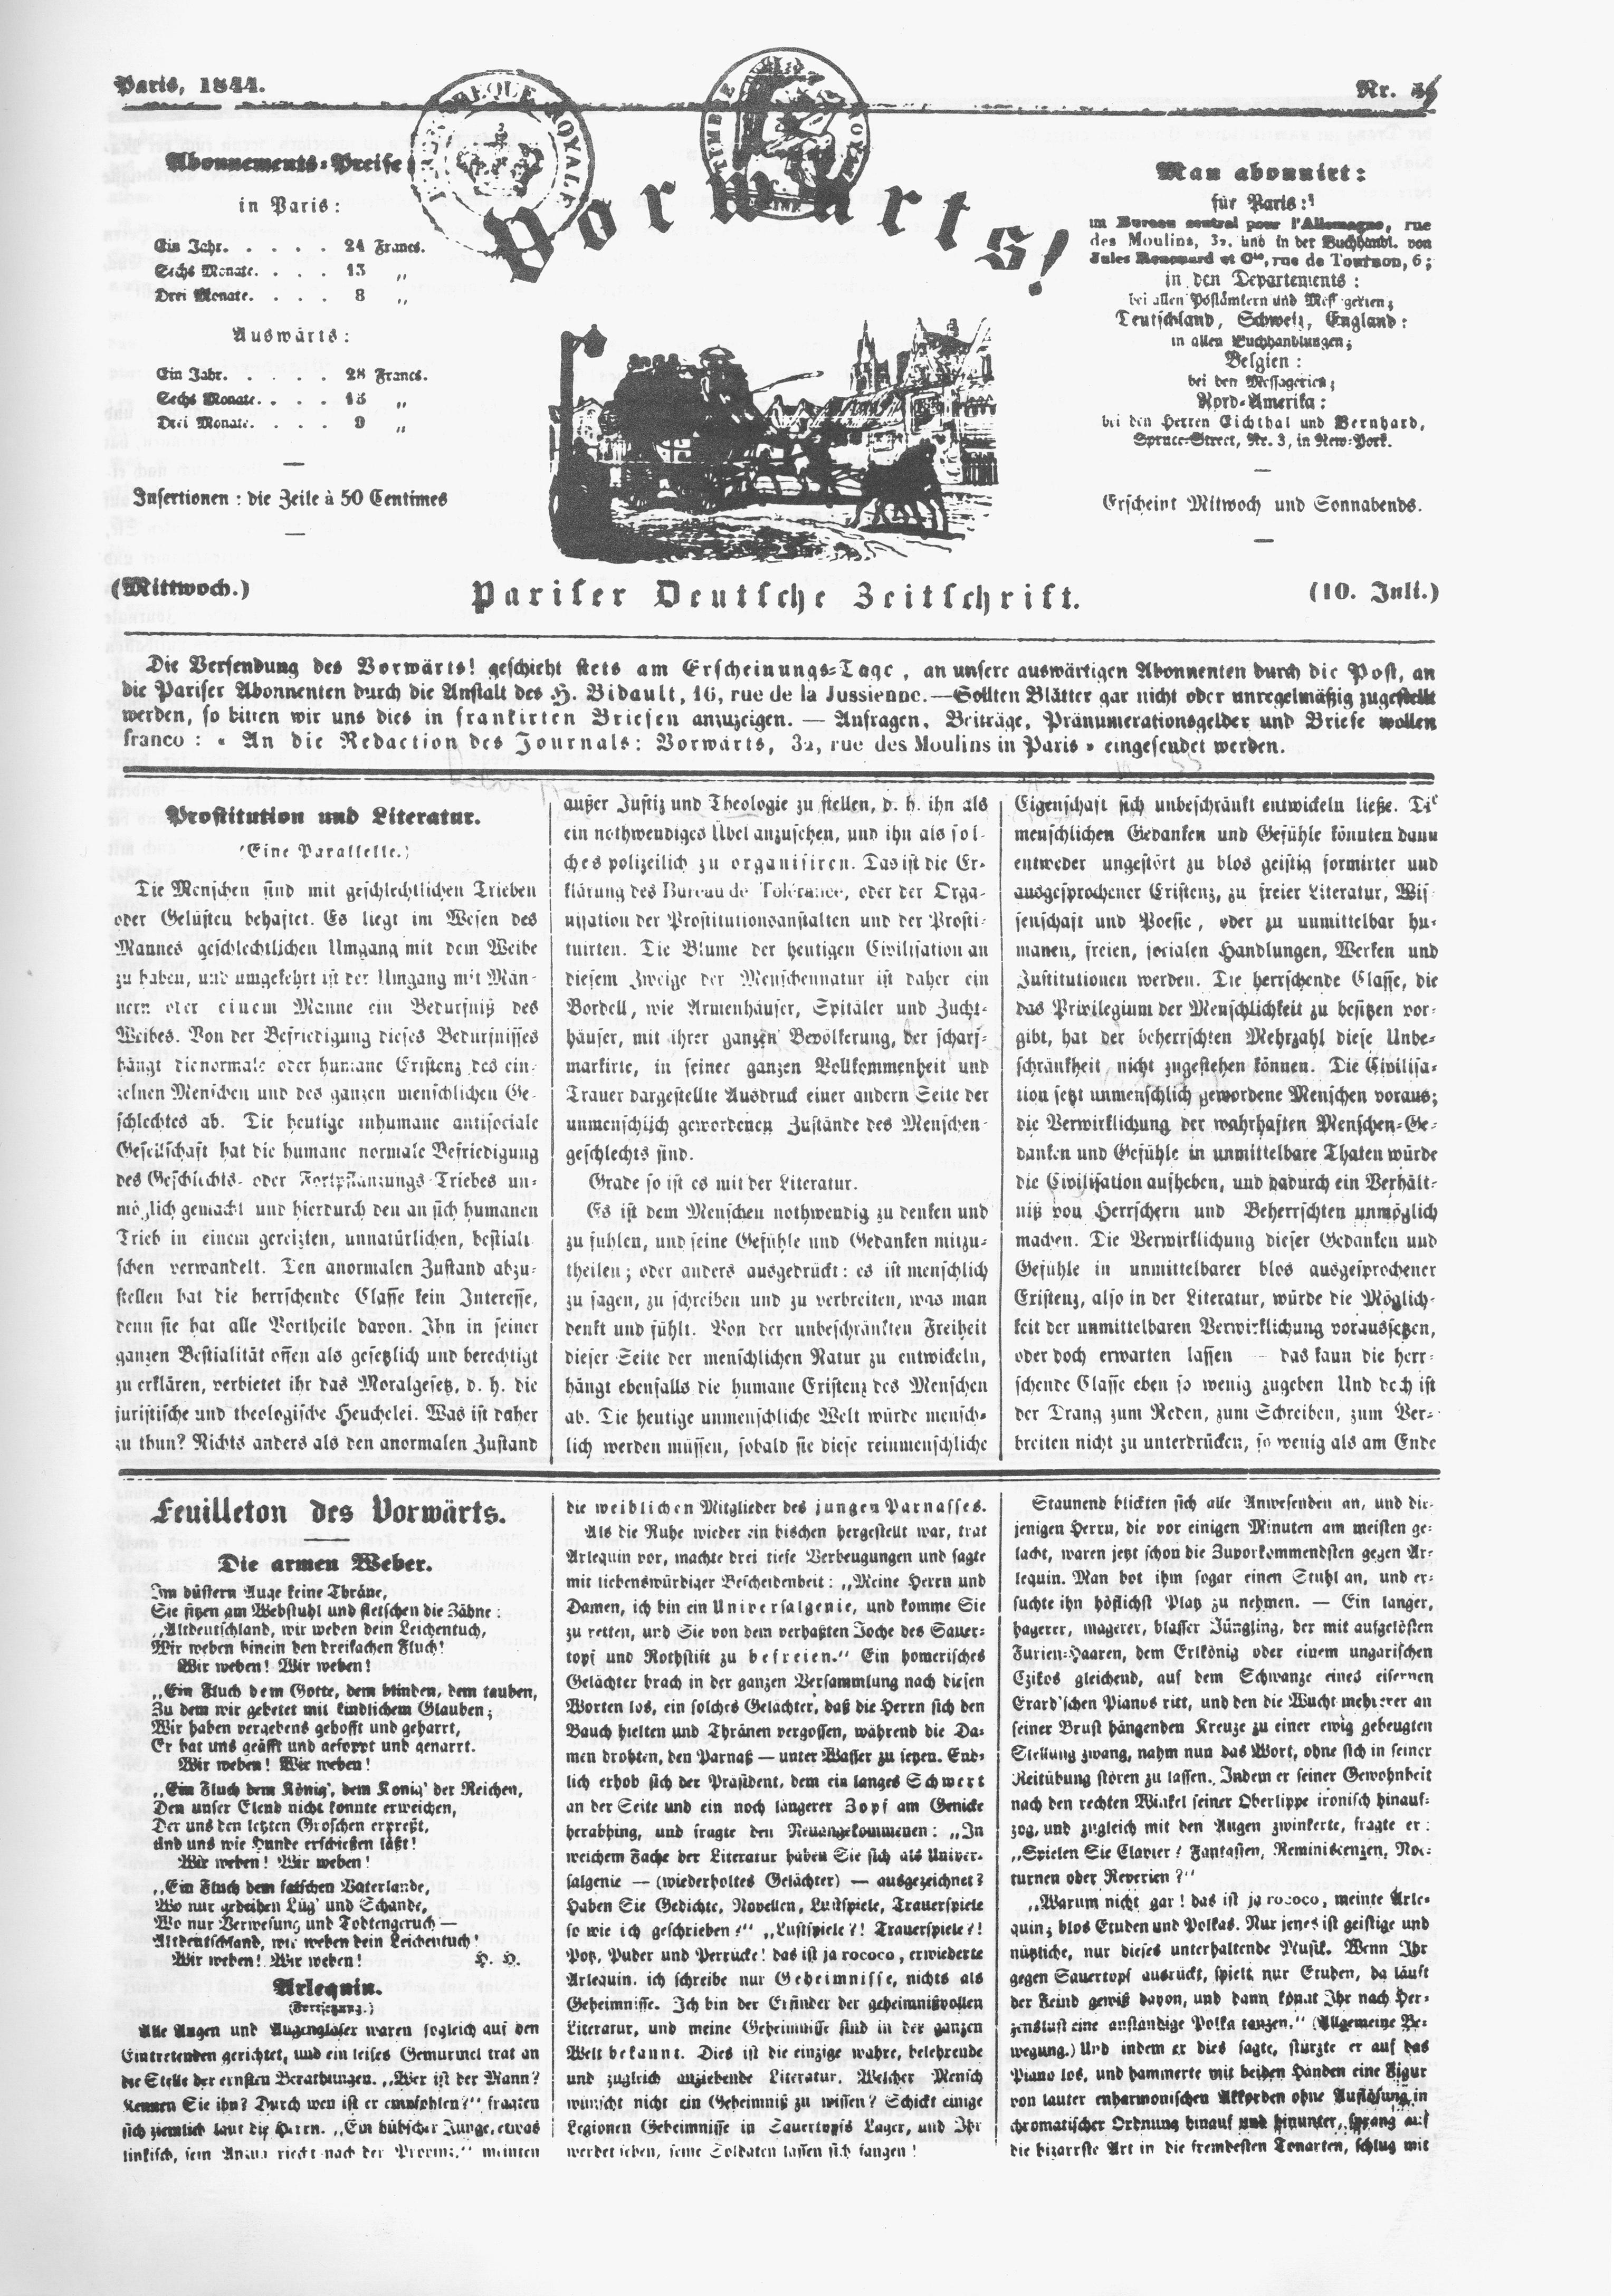 heinrich heine front page of marx s vorwatildecurrenrts featuring heine s poem die schlesischen weber